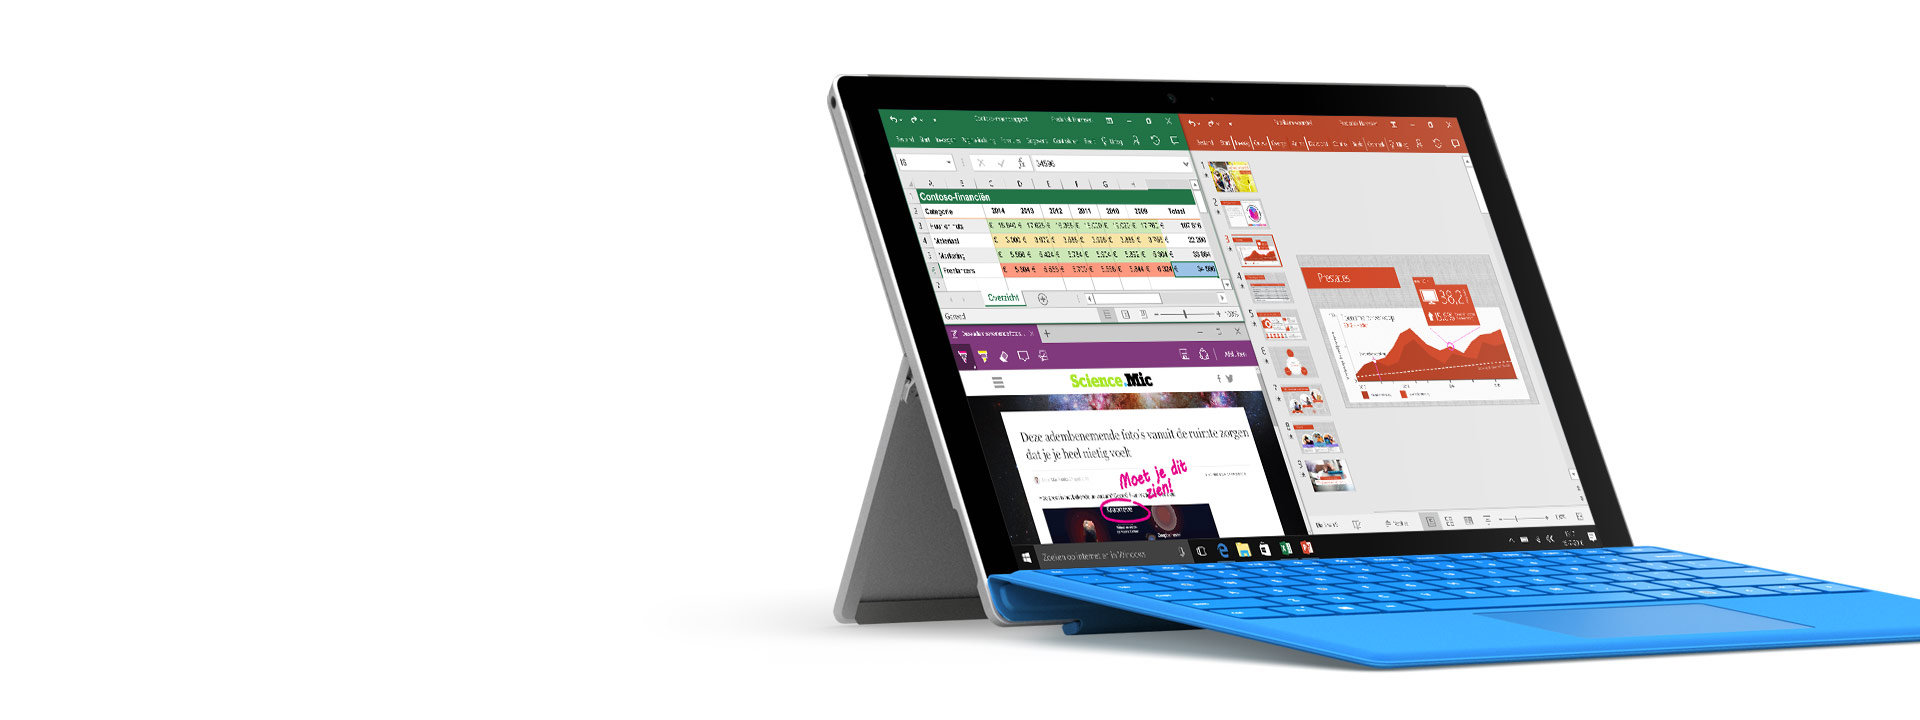 Surface Pro 4 met Office op het scherm